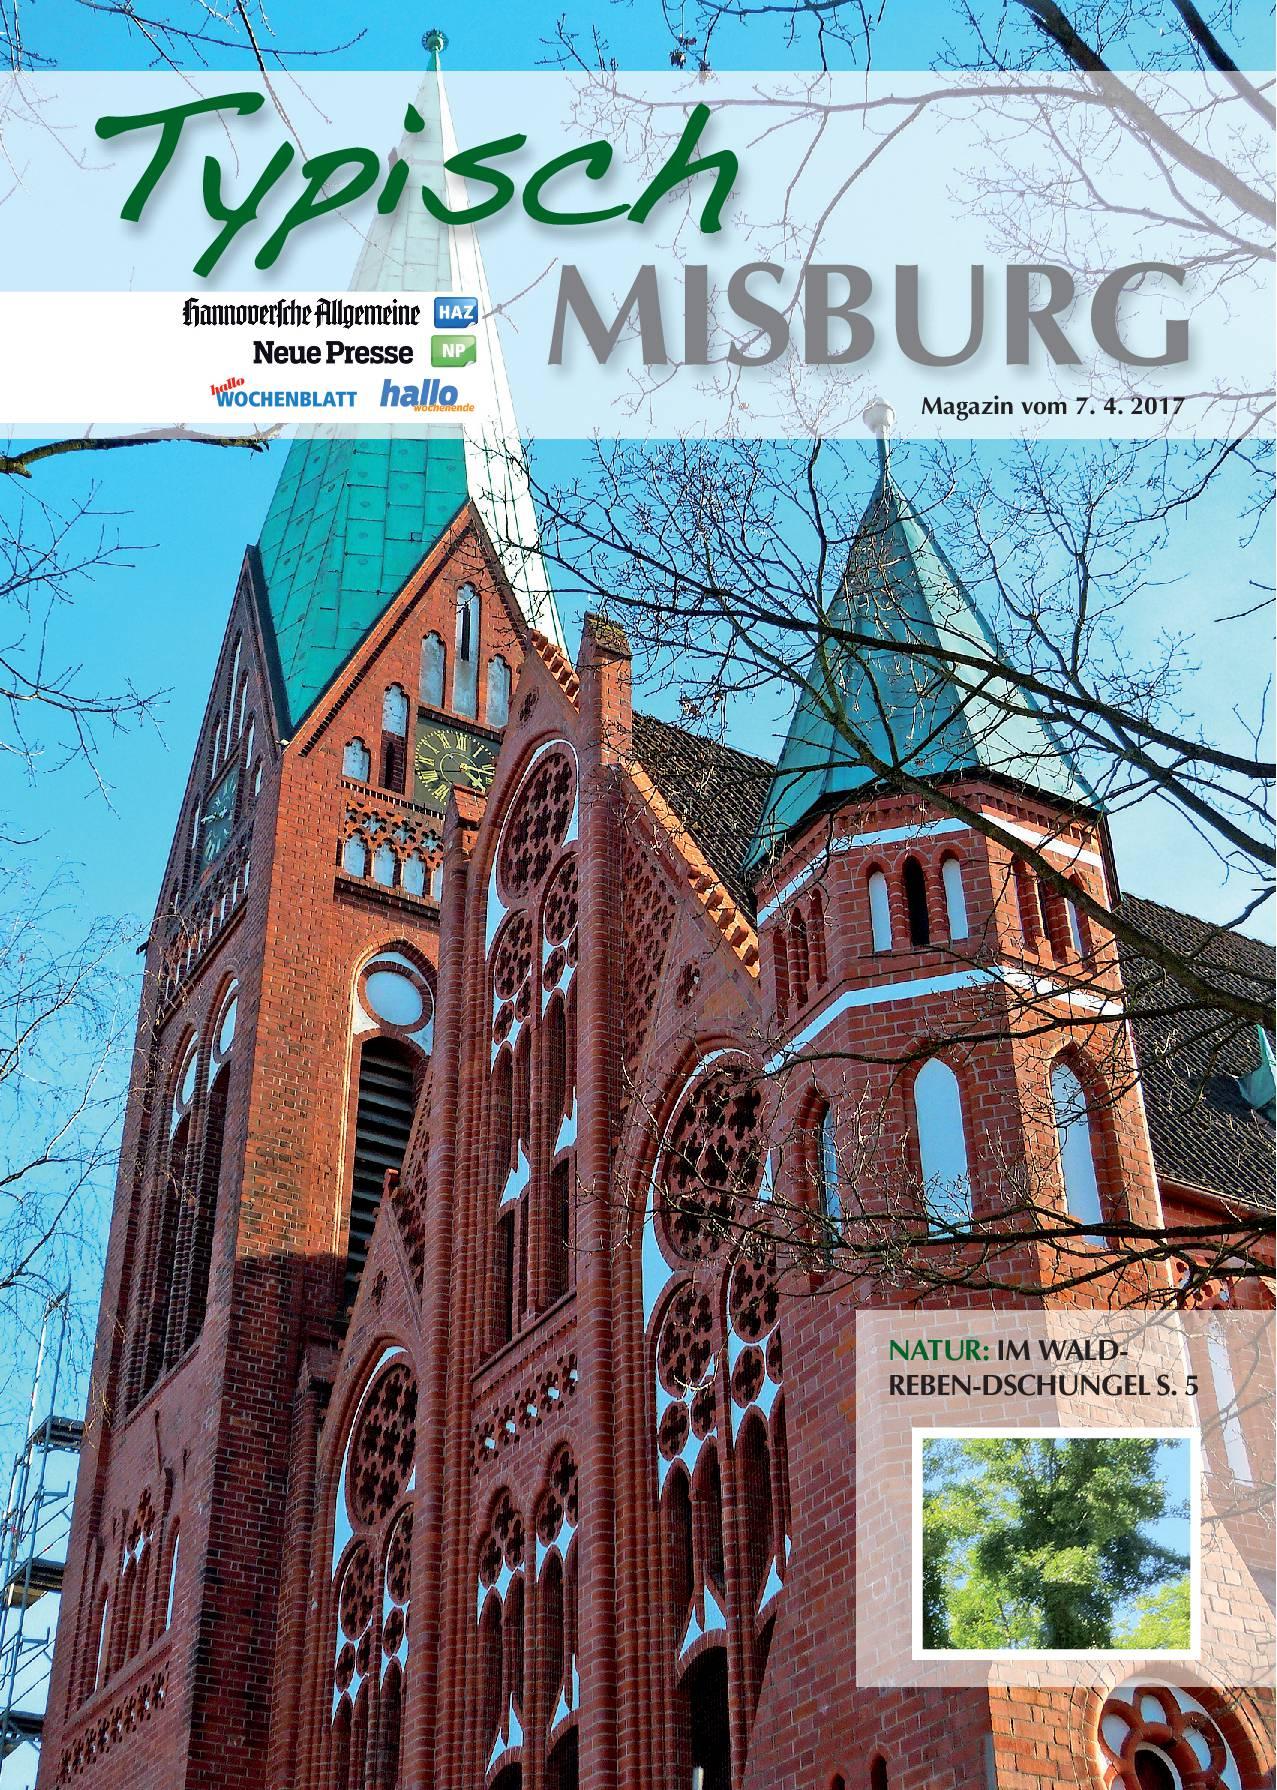 misburg-nr-3-vom-07-04-2017